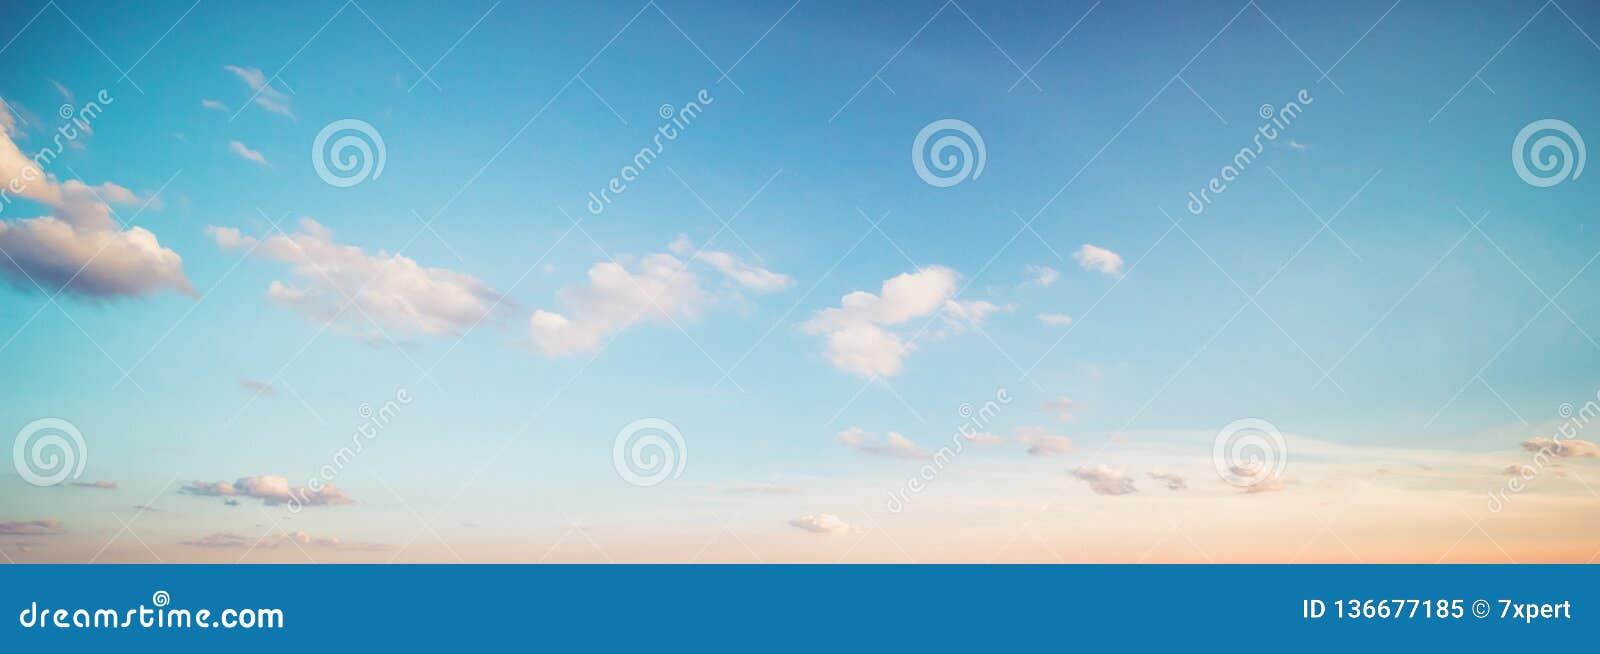 Nubes del cielo del verano